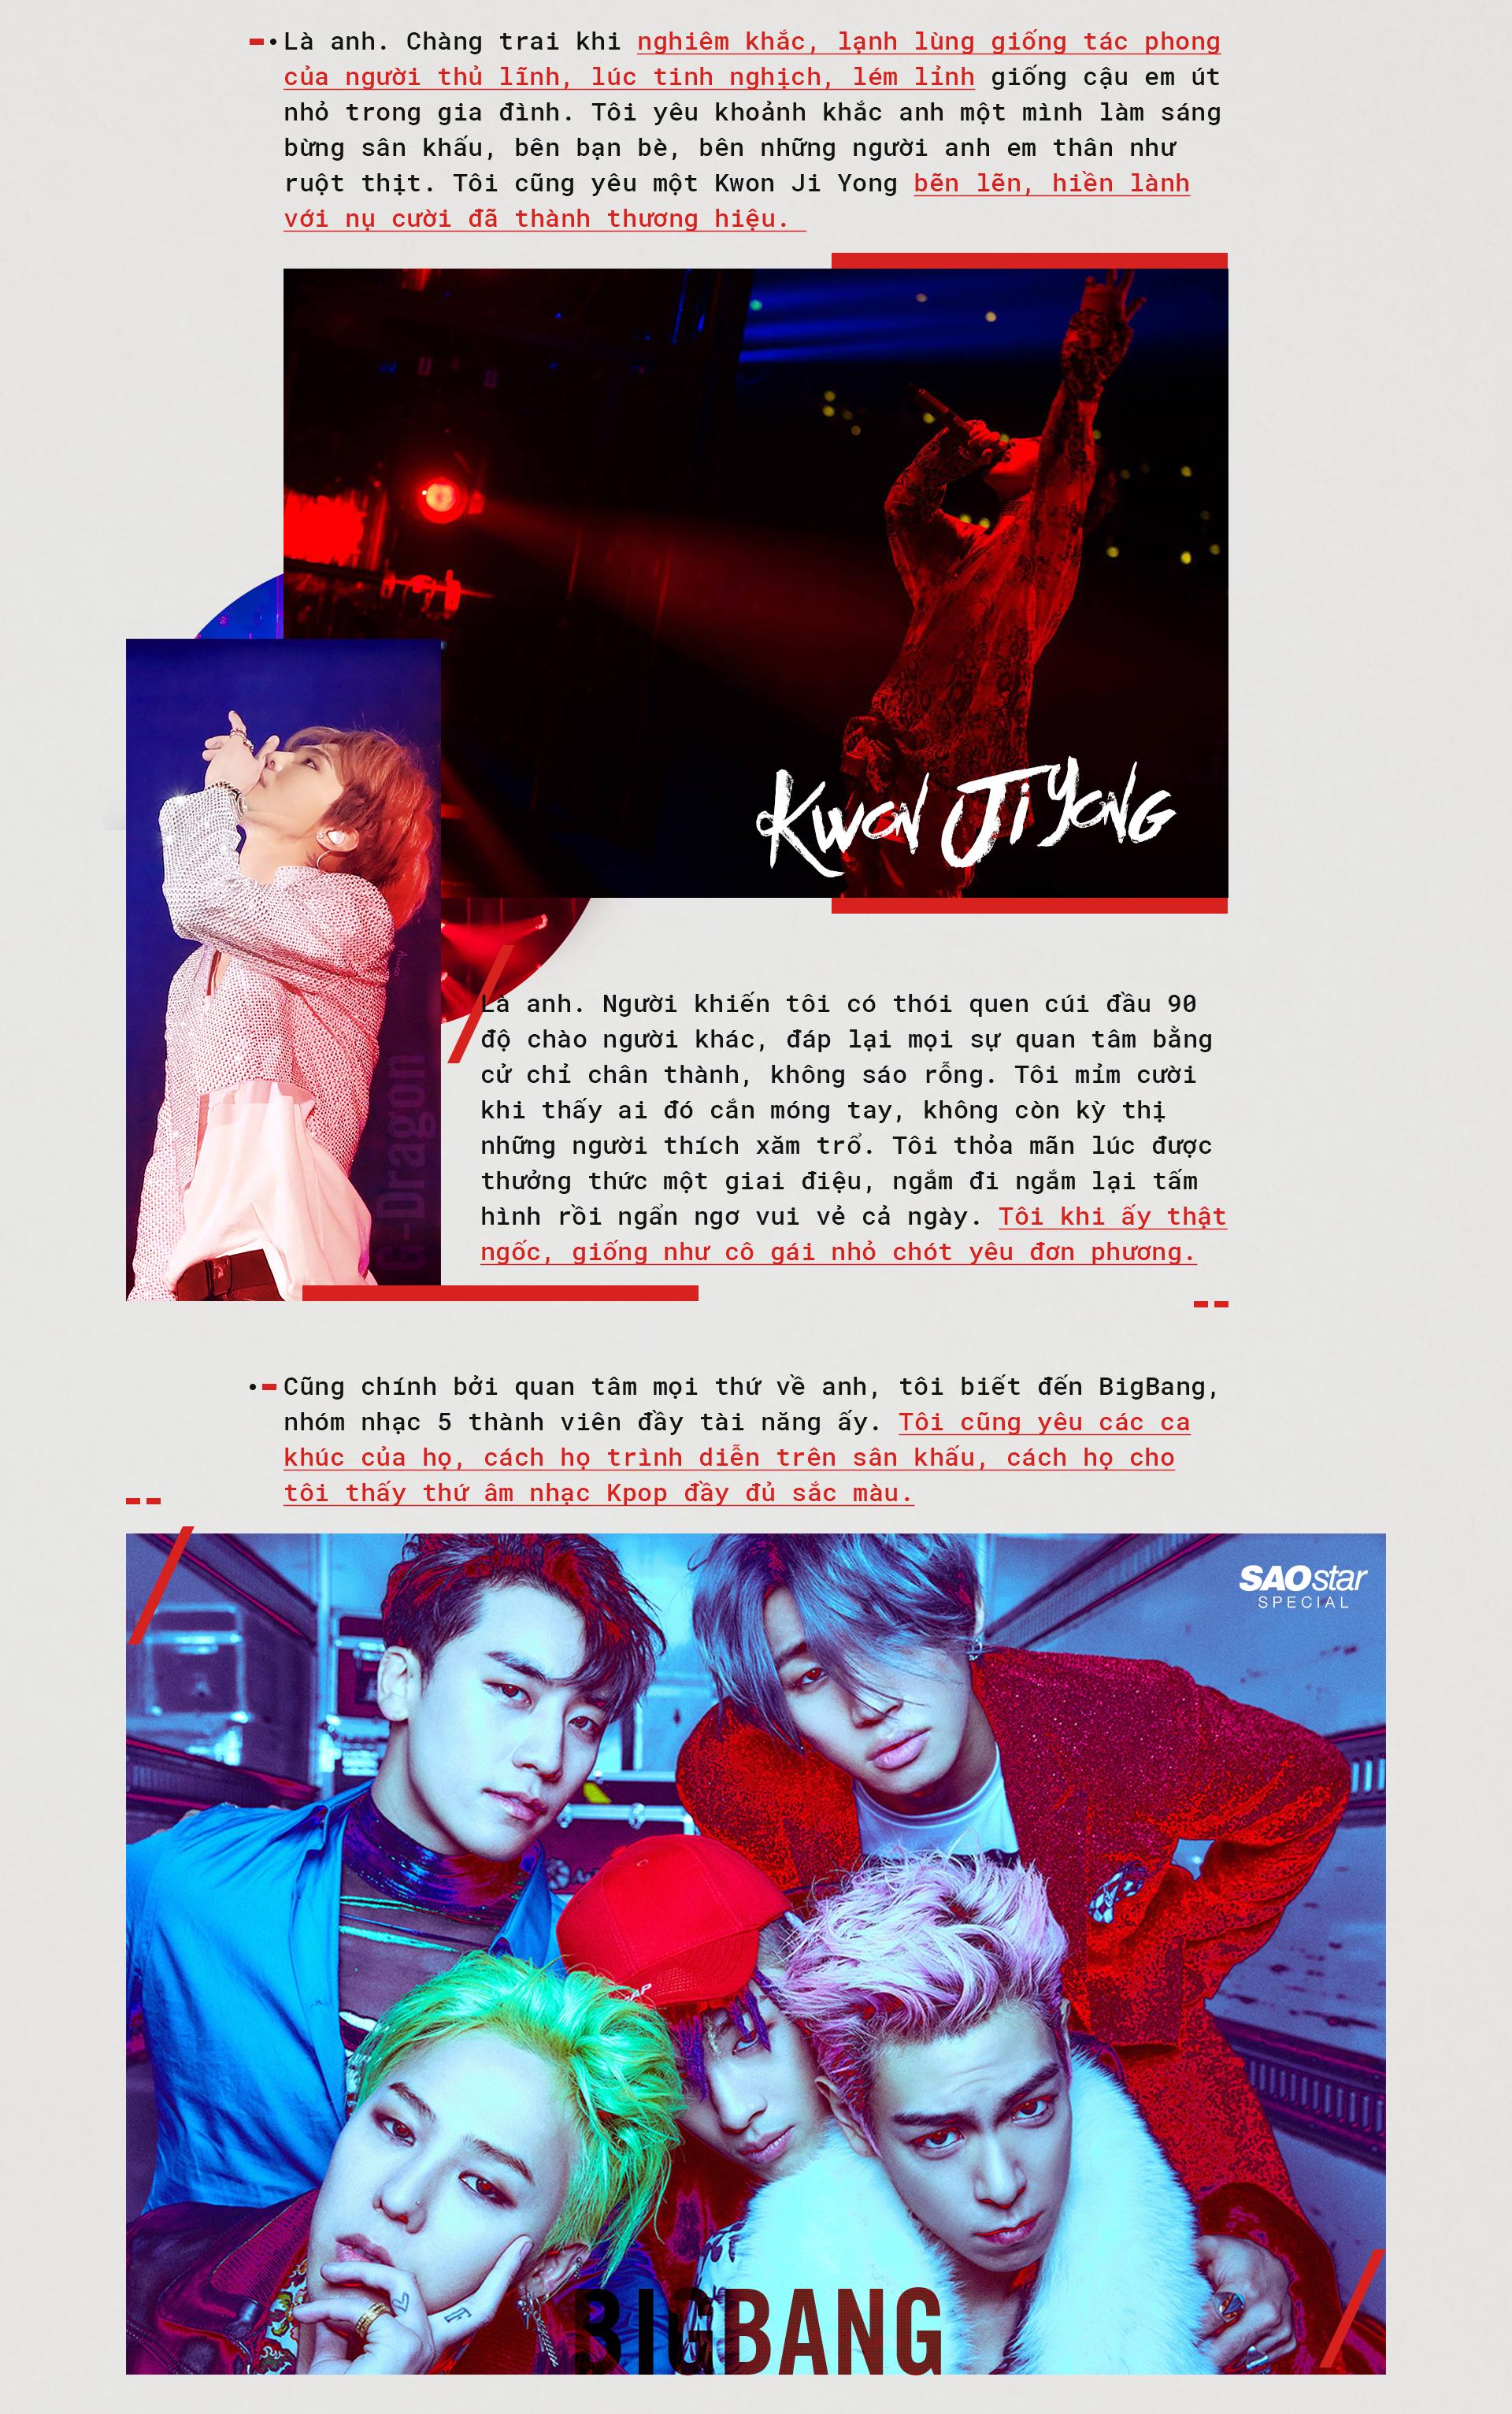 Kwon Ji Yong - Thanh xuân của tôi đã mang tên một chàng trai lạ kỳ